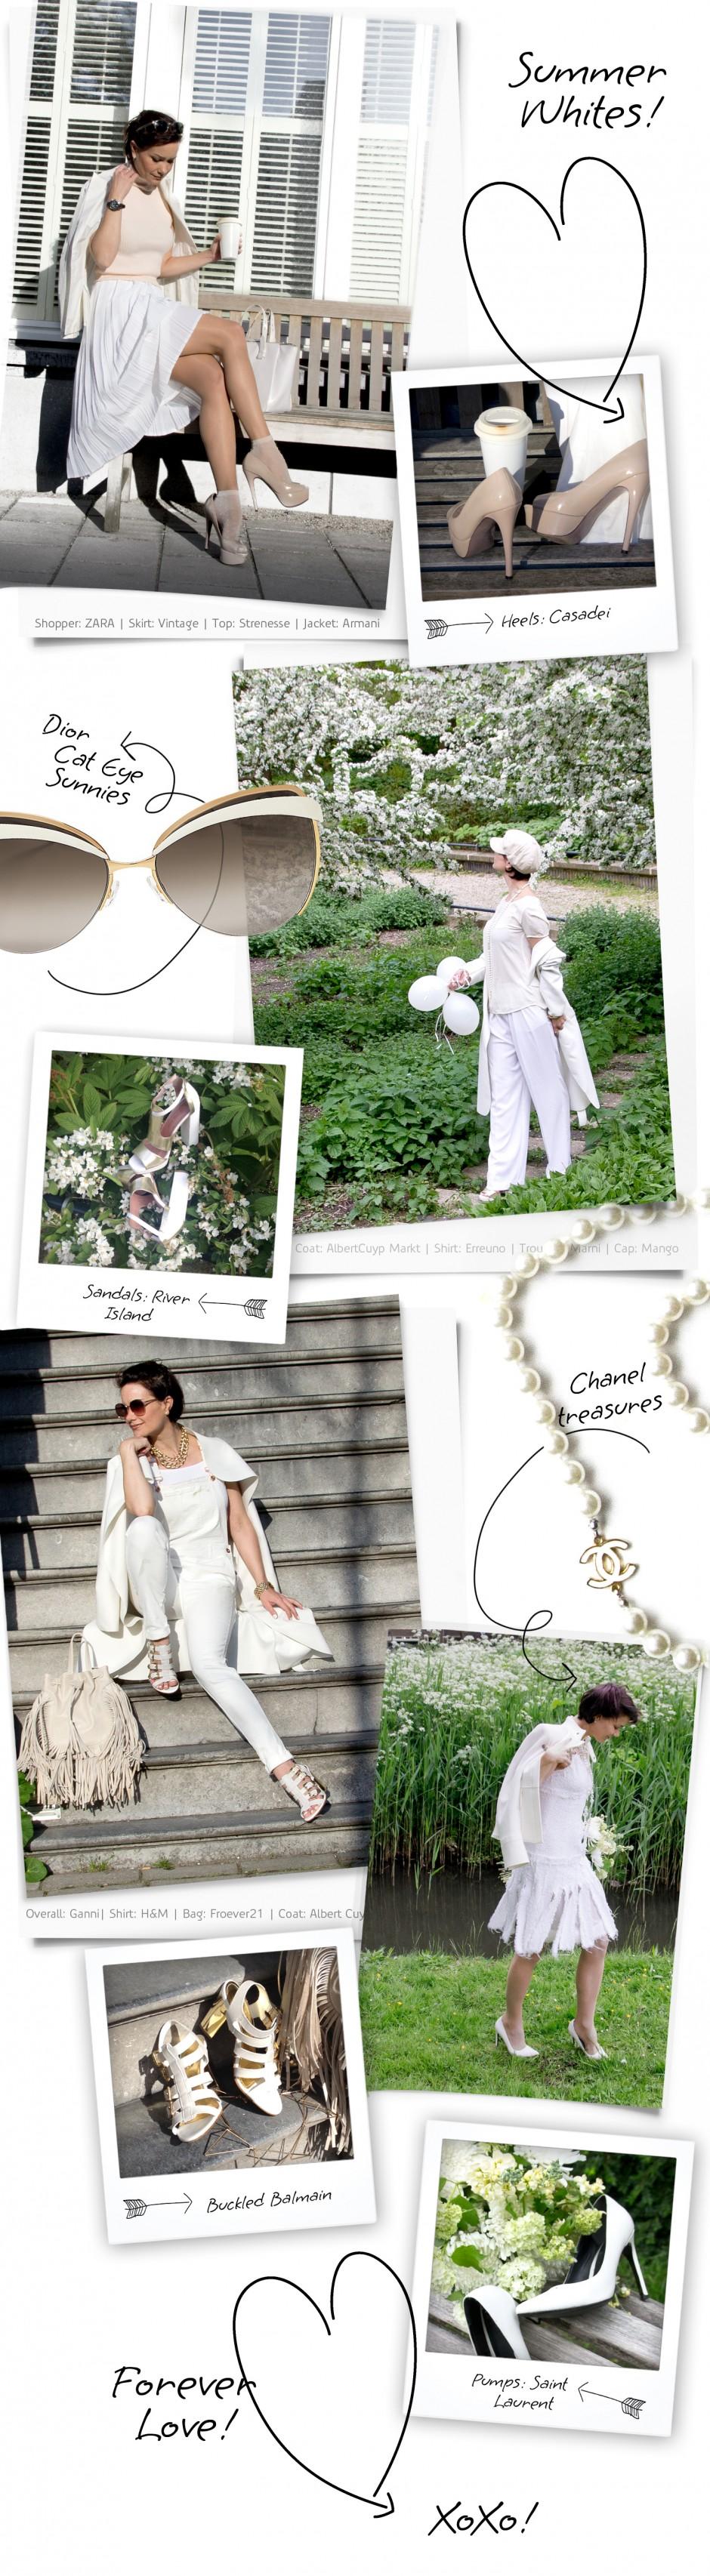 Summer Whites!